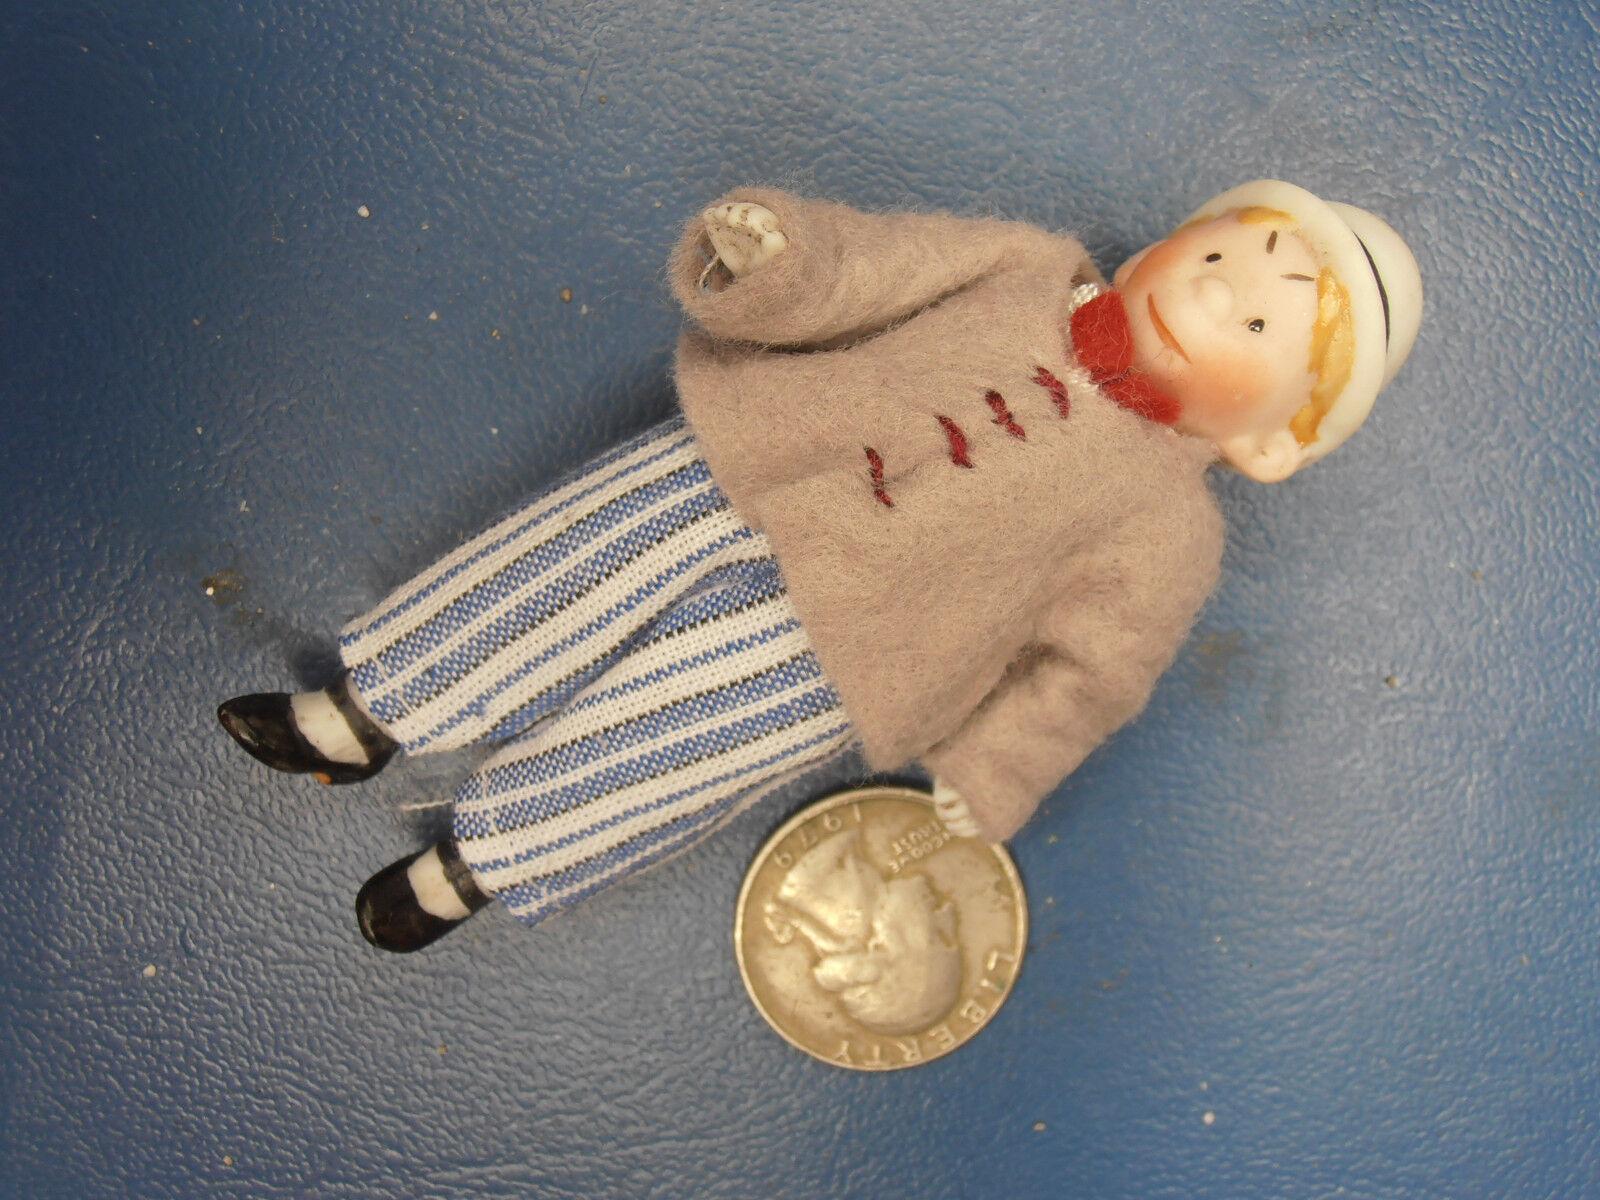 Muñecas Antiguas Alemania Comik Niño con había cap1900